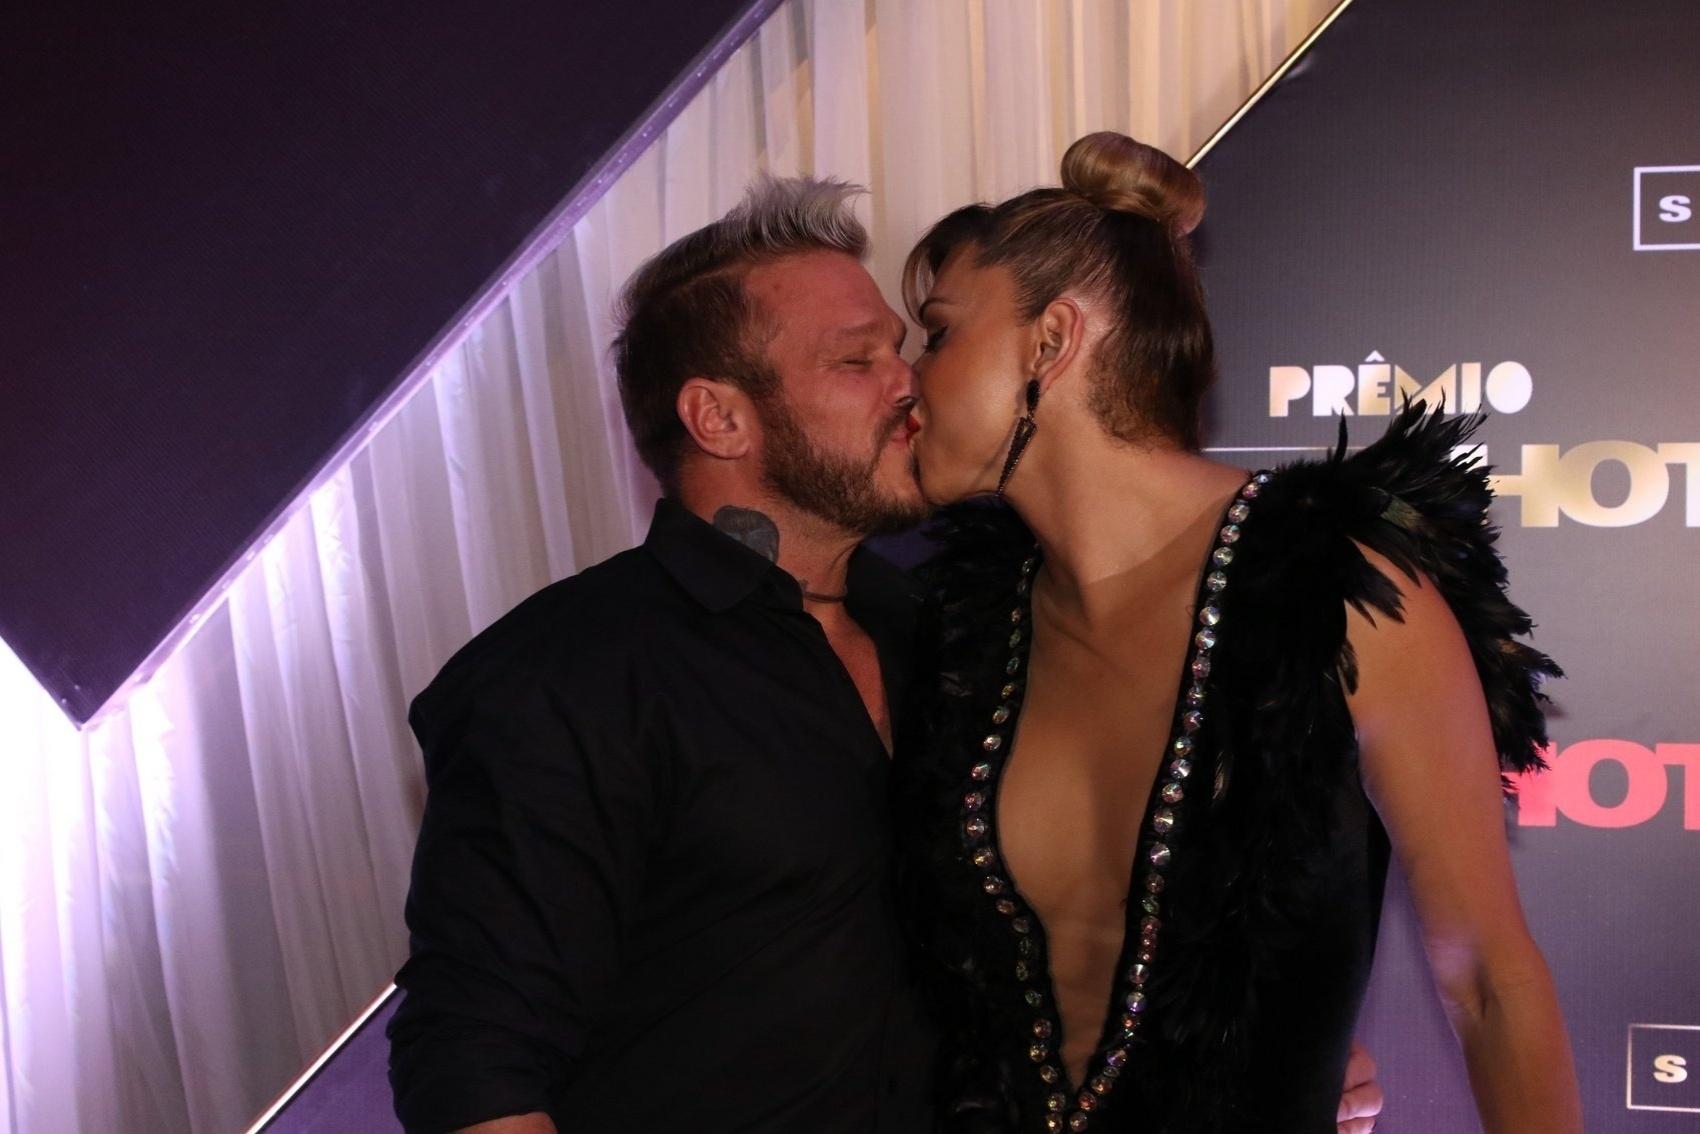 18.ago.2015 - Leo Áquila beija o noivo Chico Campadello no prêmio Sexy Hot, dedicado a reconher as melhores produções eróticas brasileiras